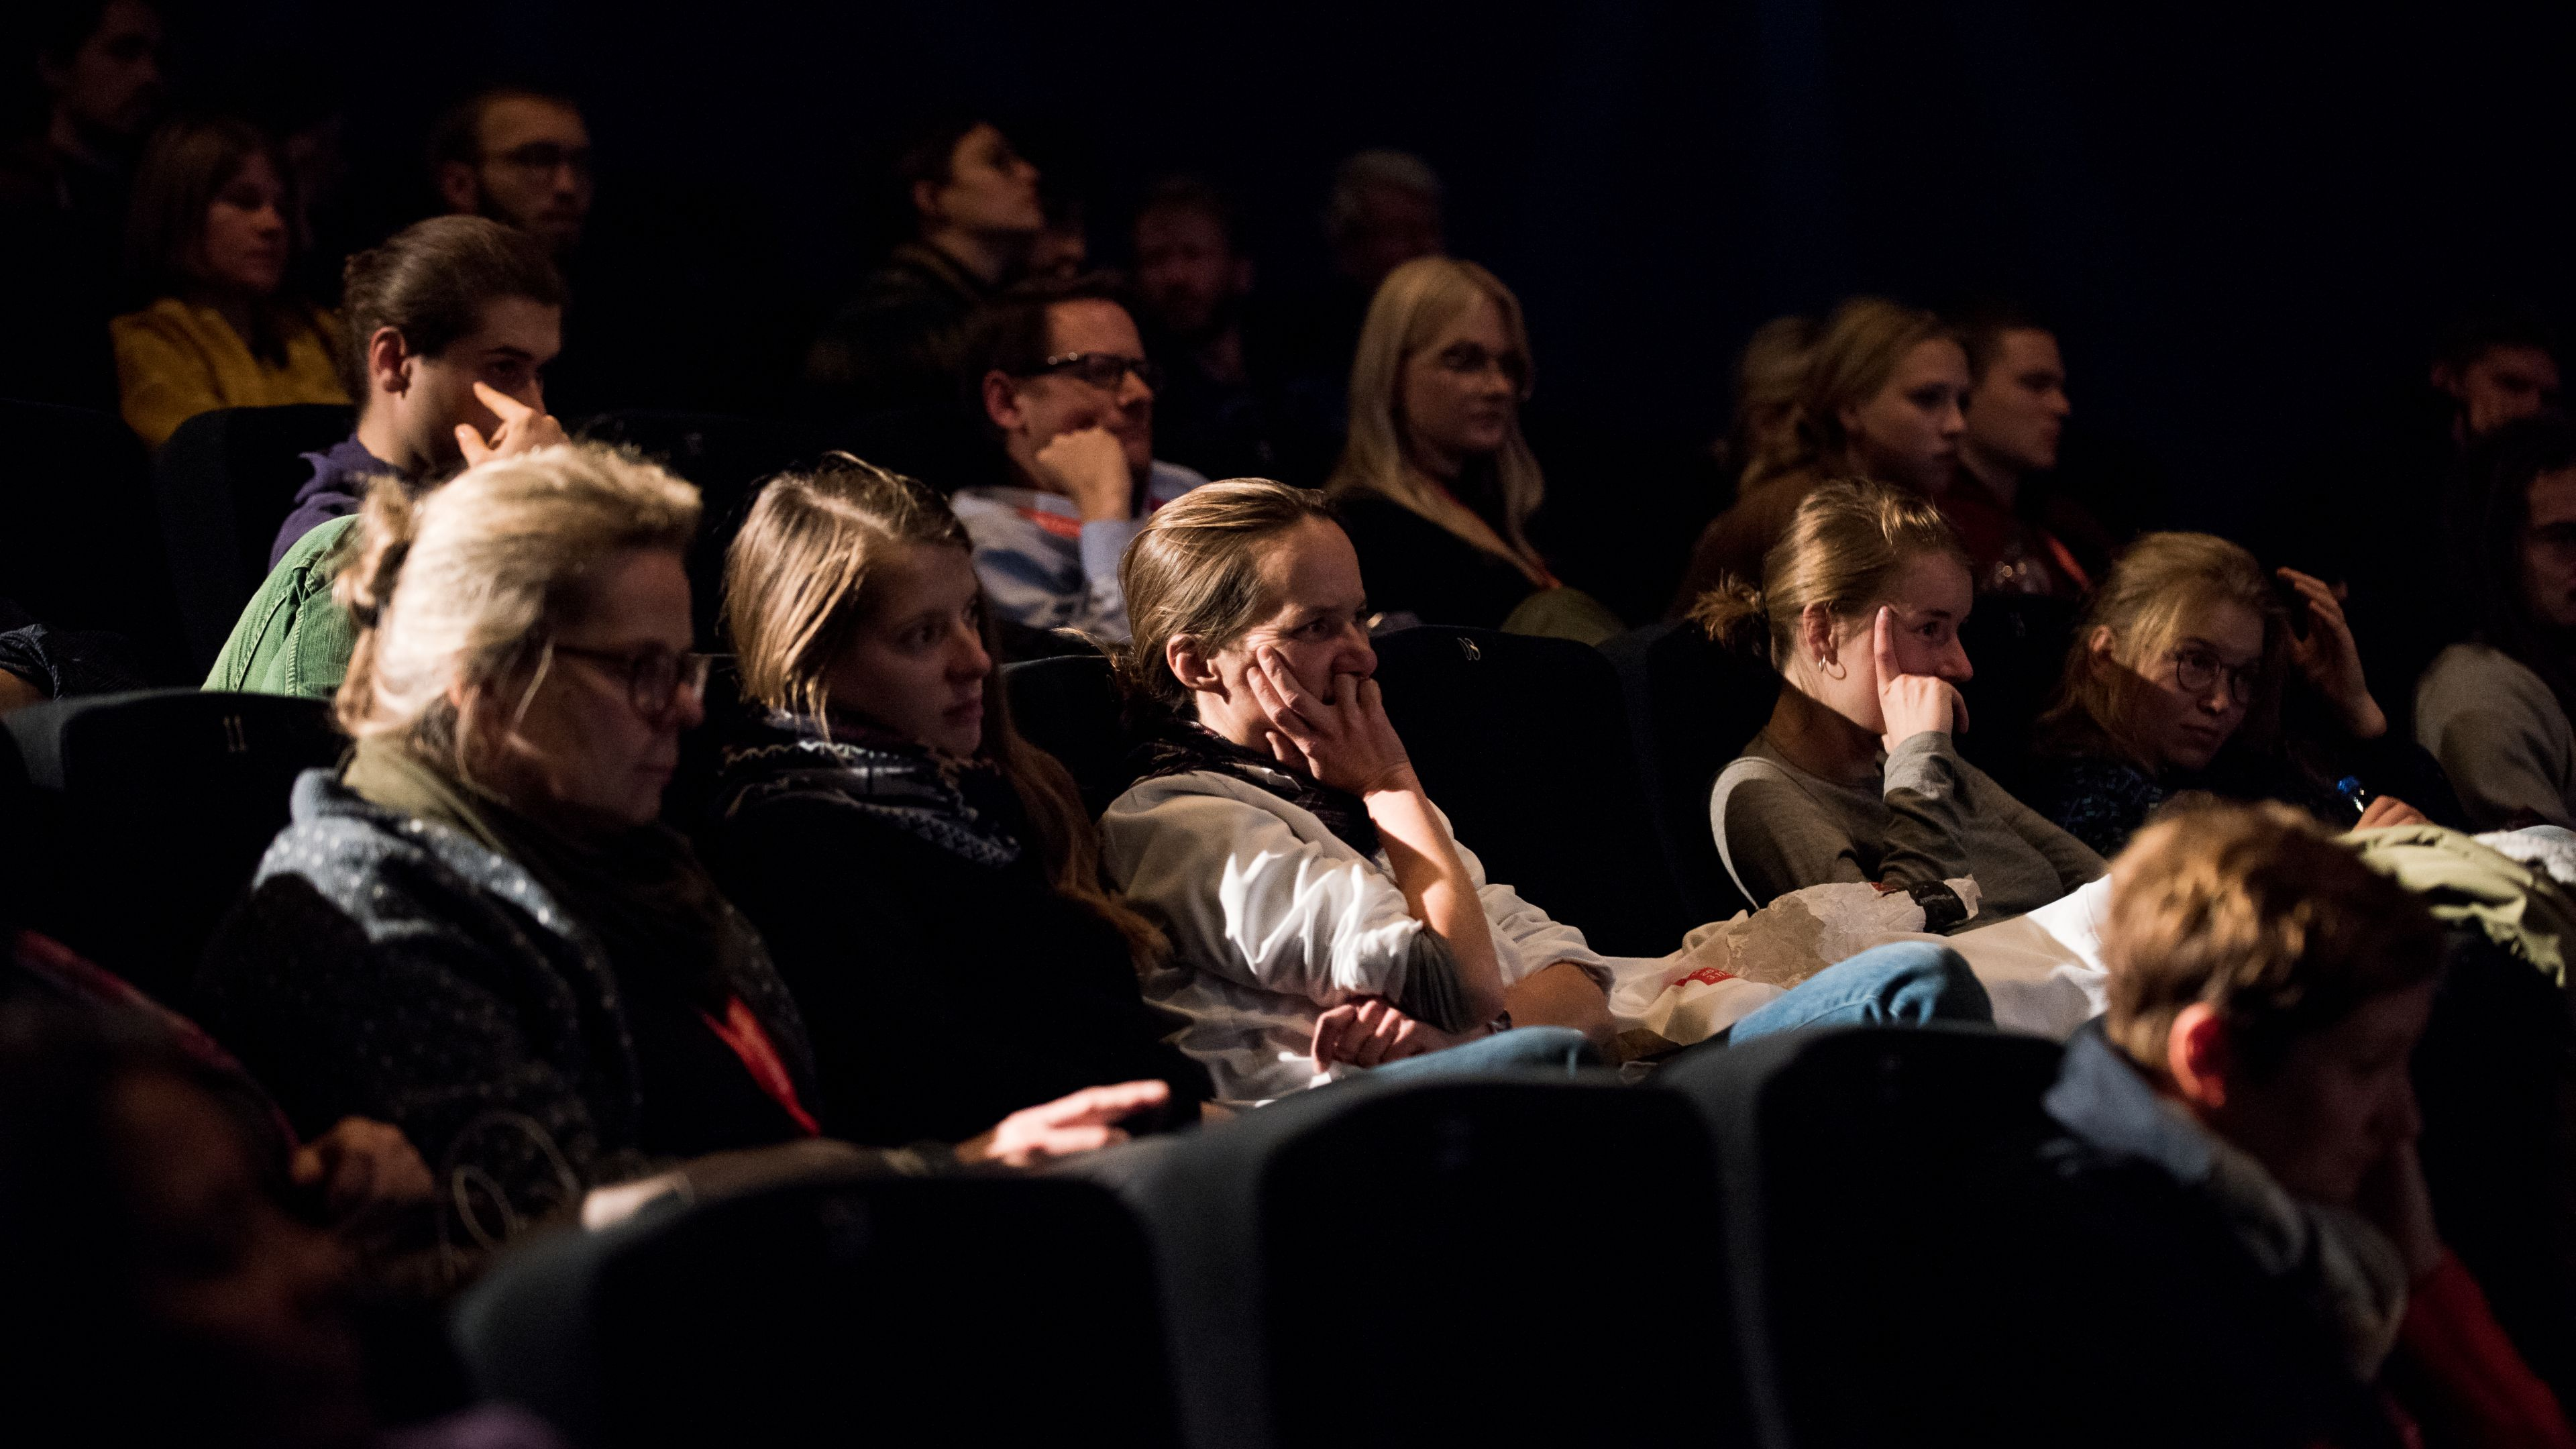 Vier Zuschauerinnen nebeneinander in einer Sitzreihe hören interessiert zu.